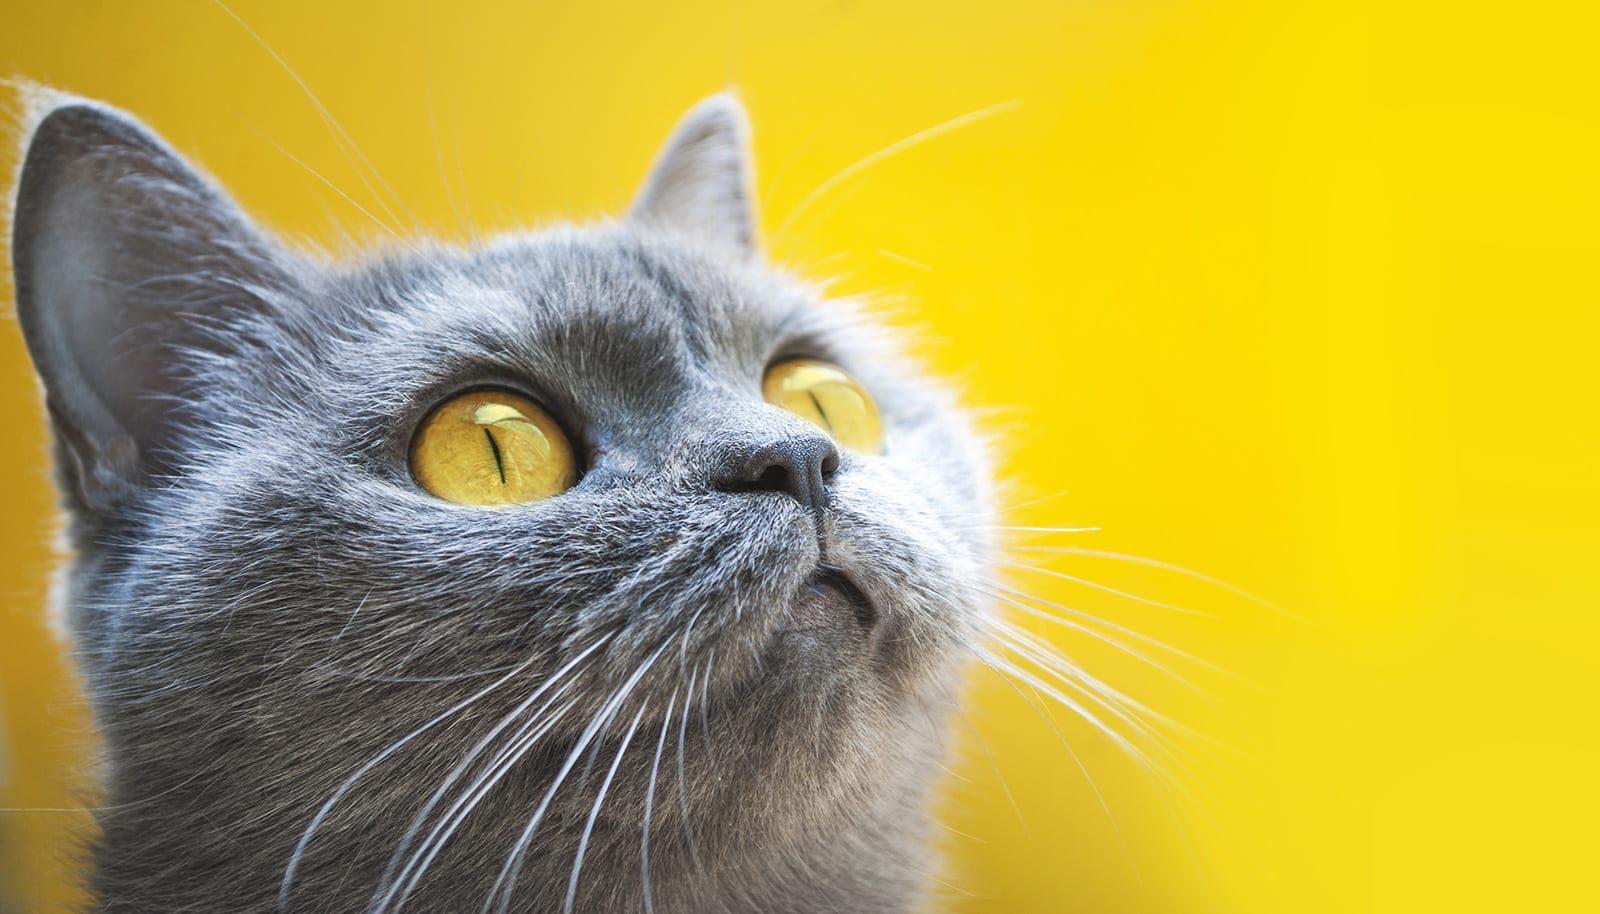 رنگی که گربه ها دوست دارند